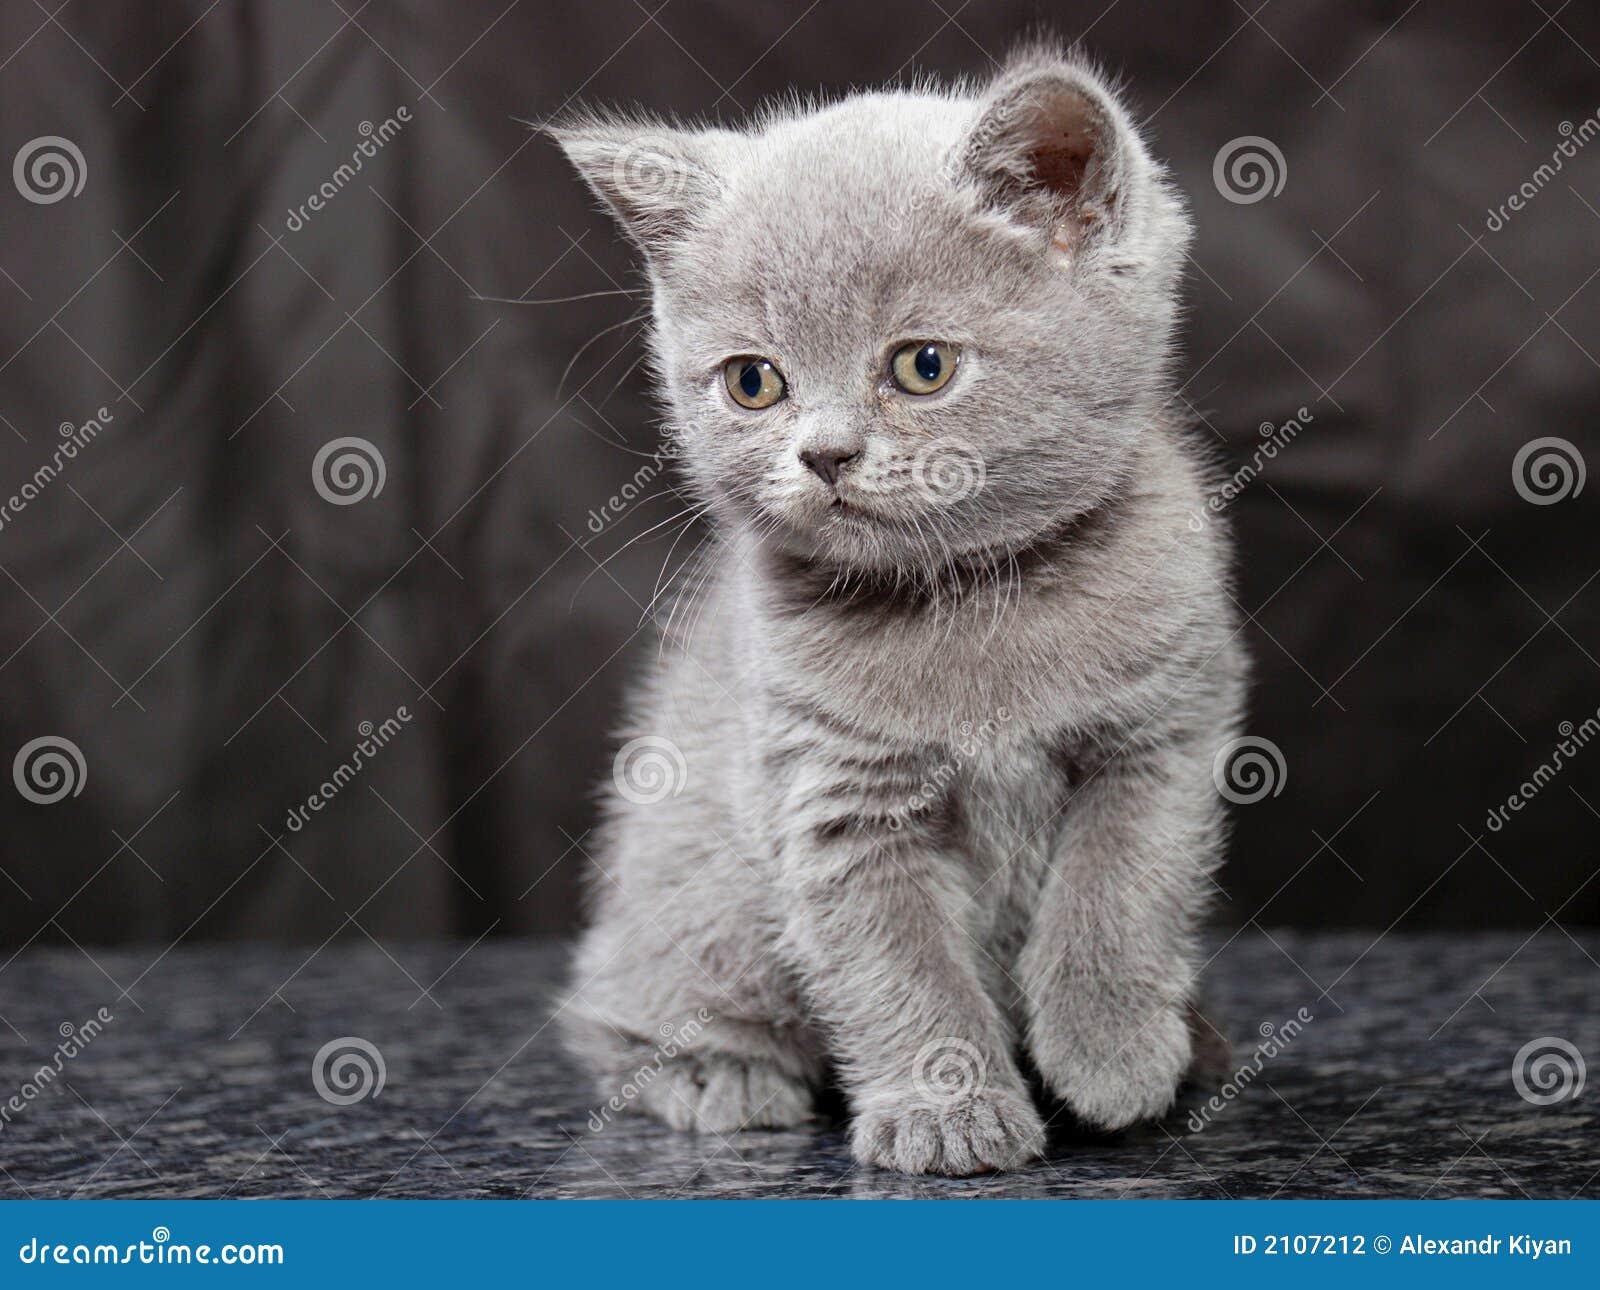 Kitten25